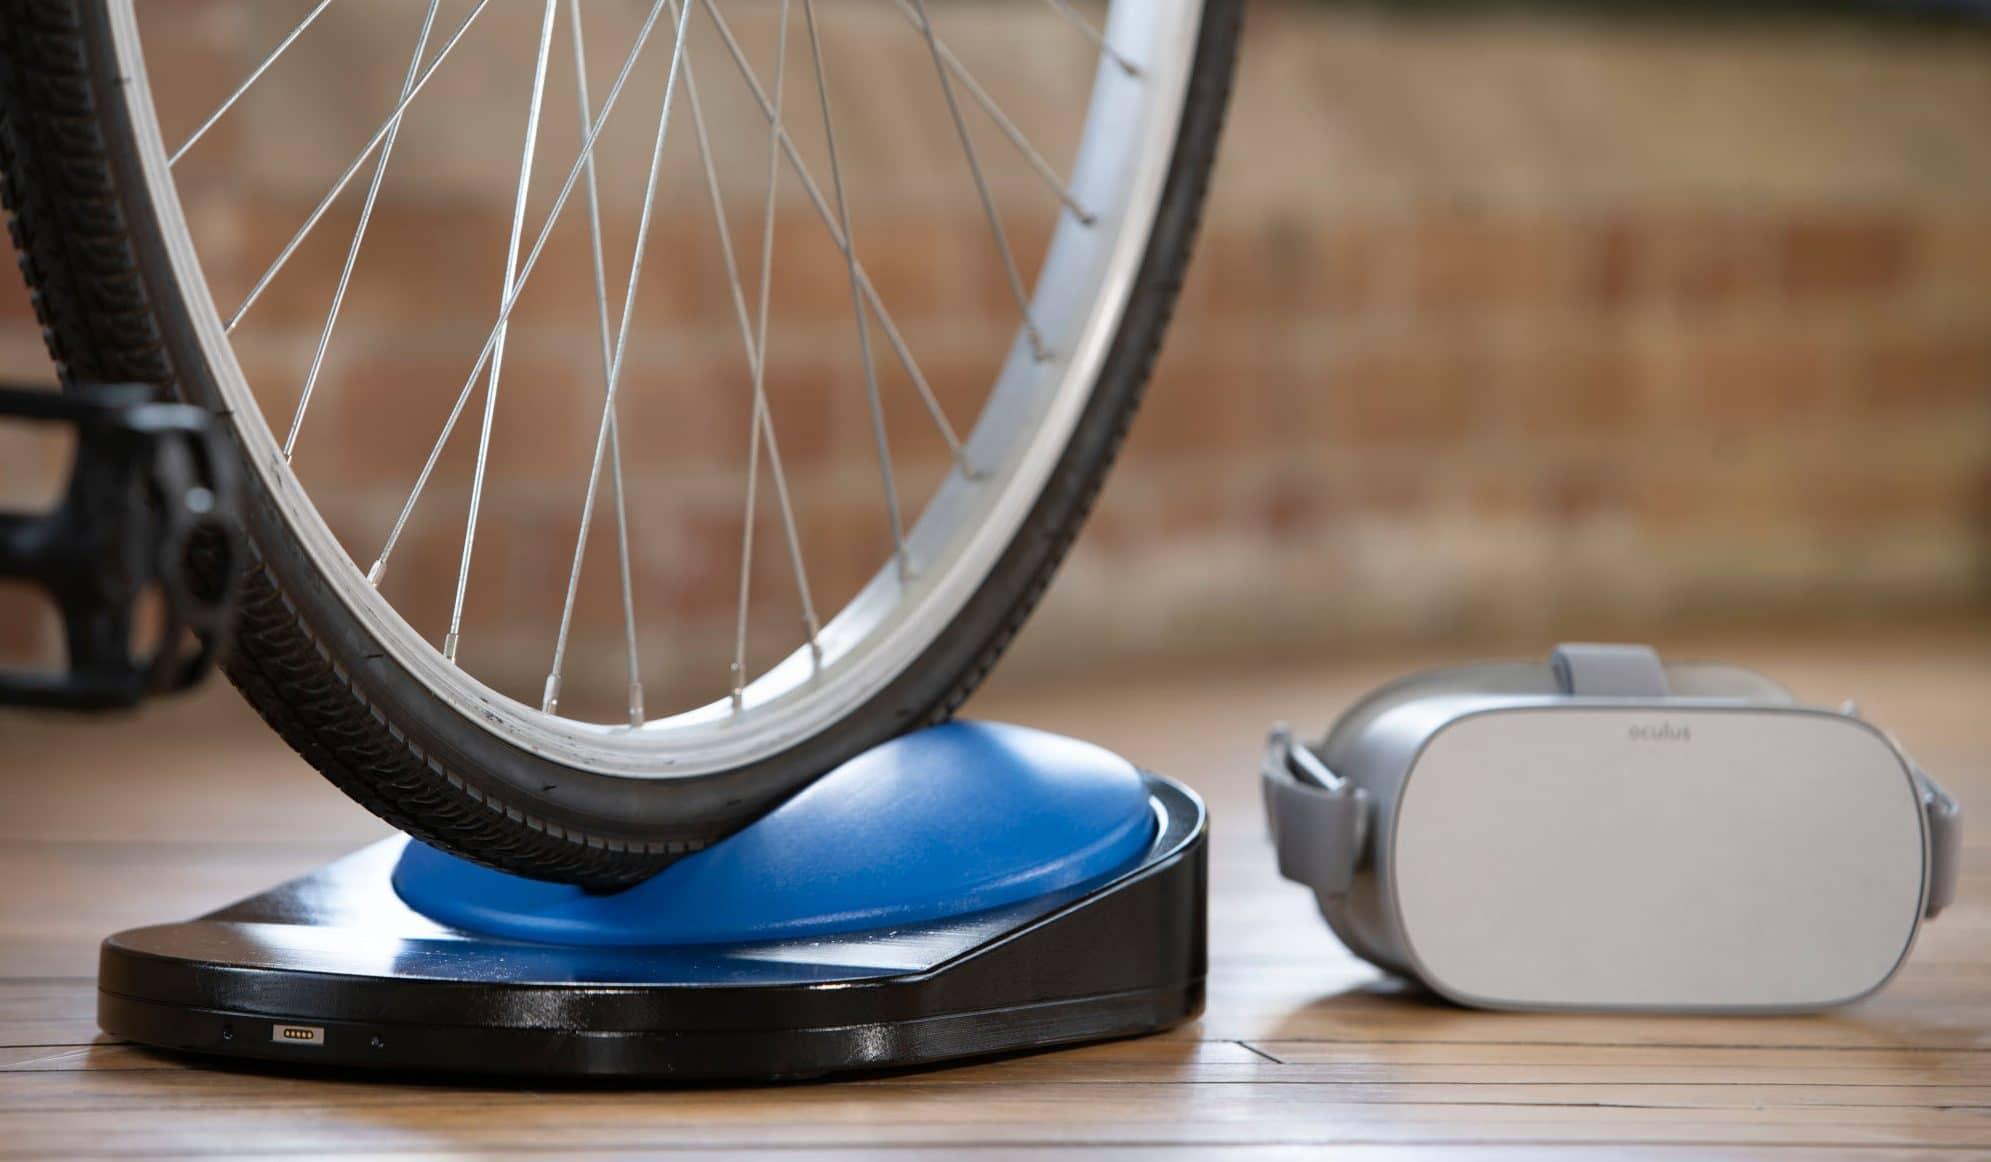 Mit eurem Fahrrad erlebt ihr VR-Fahrten. (Foto: Blync)